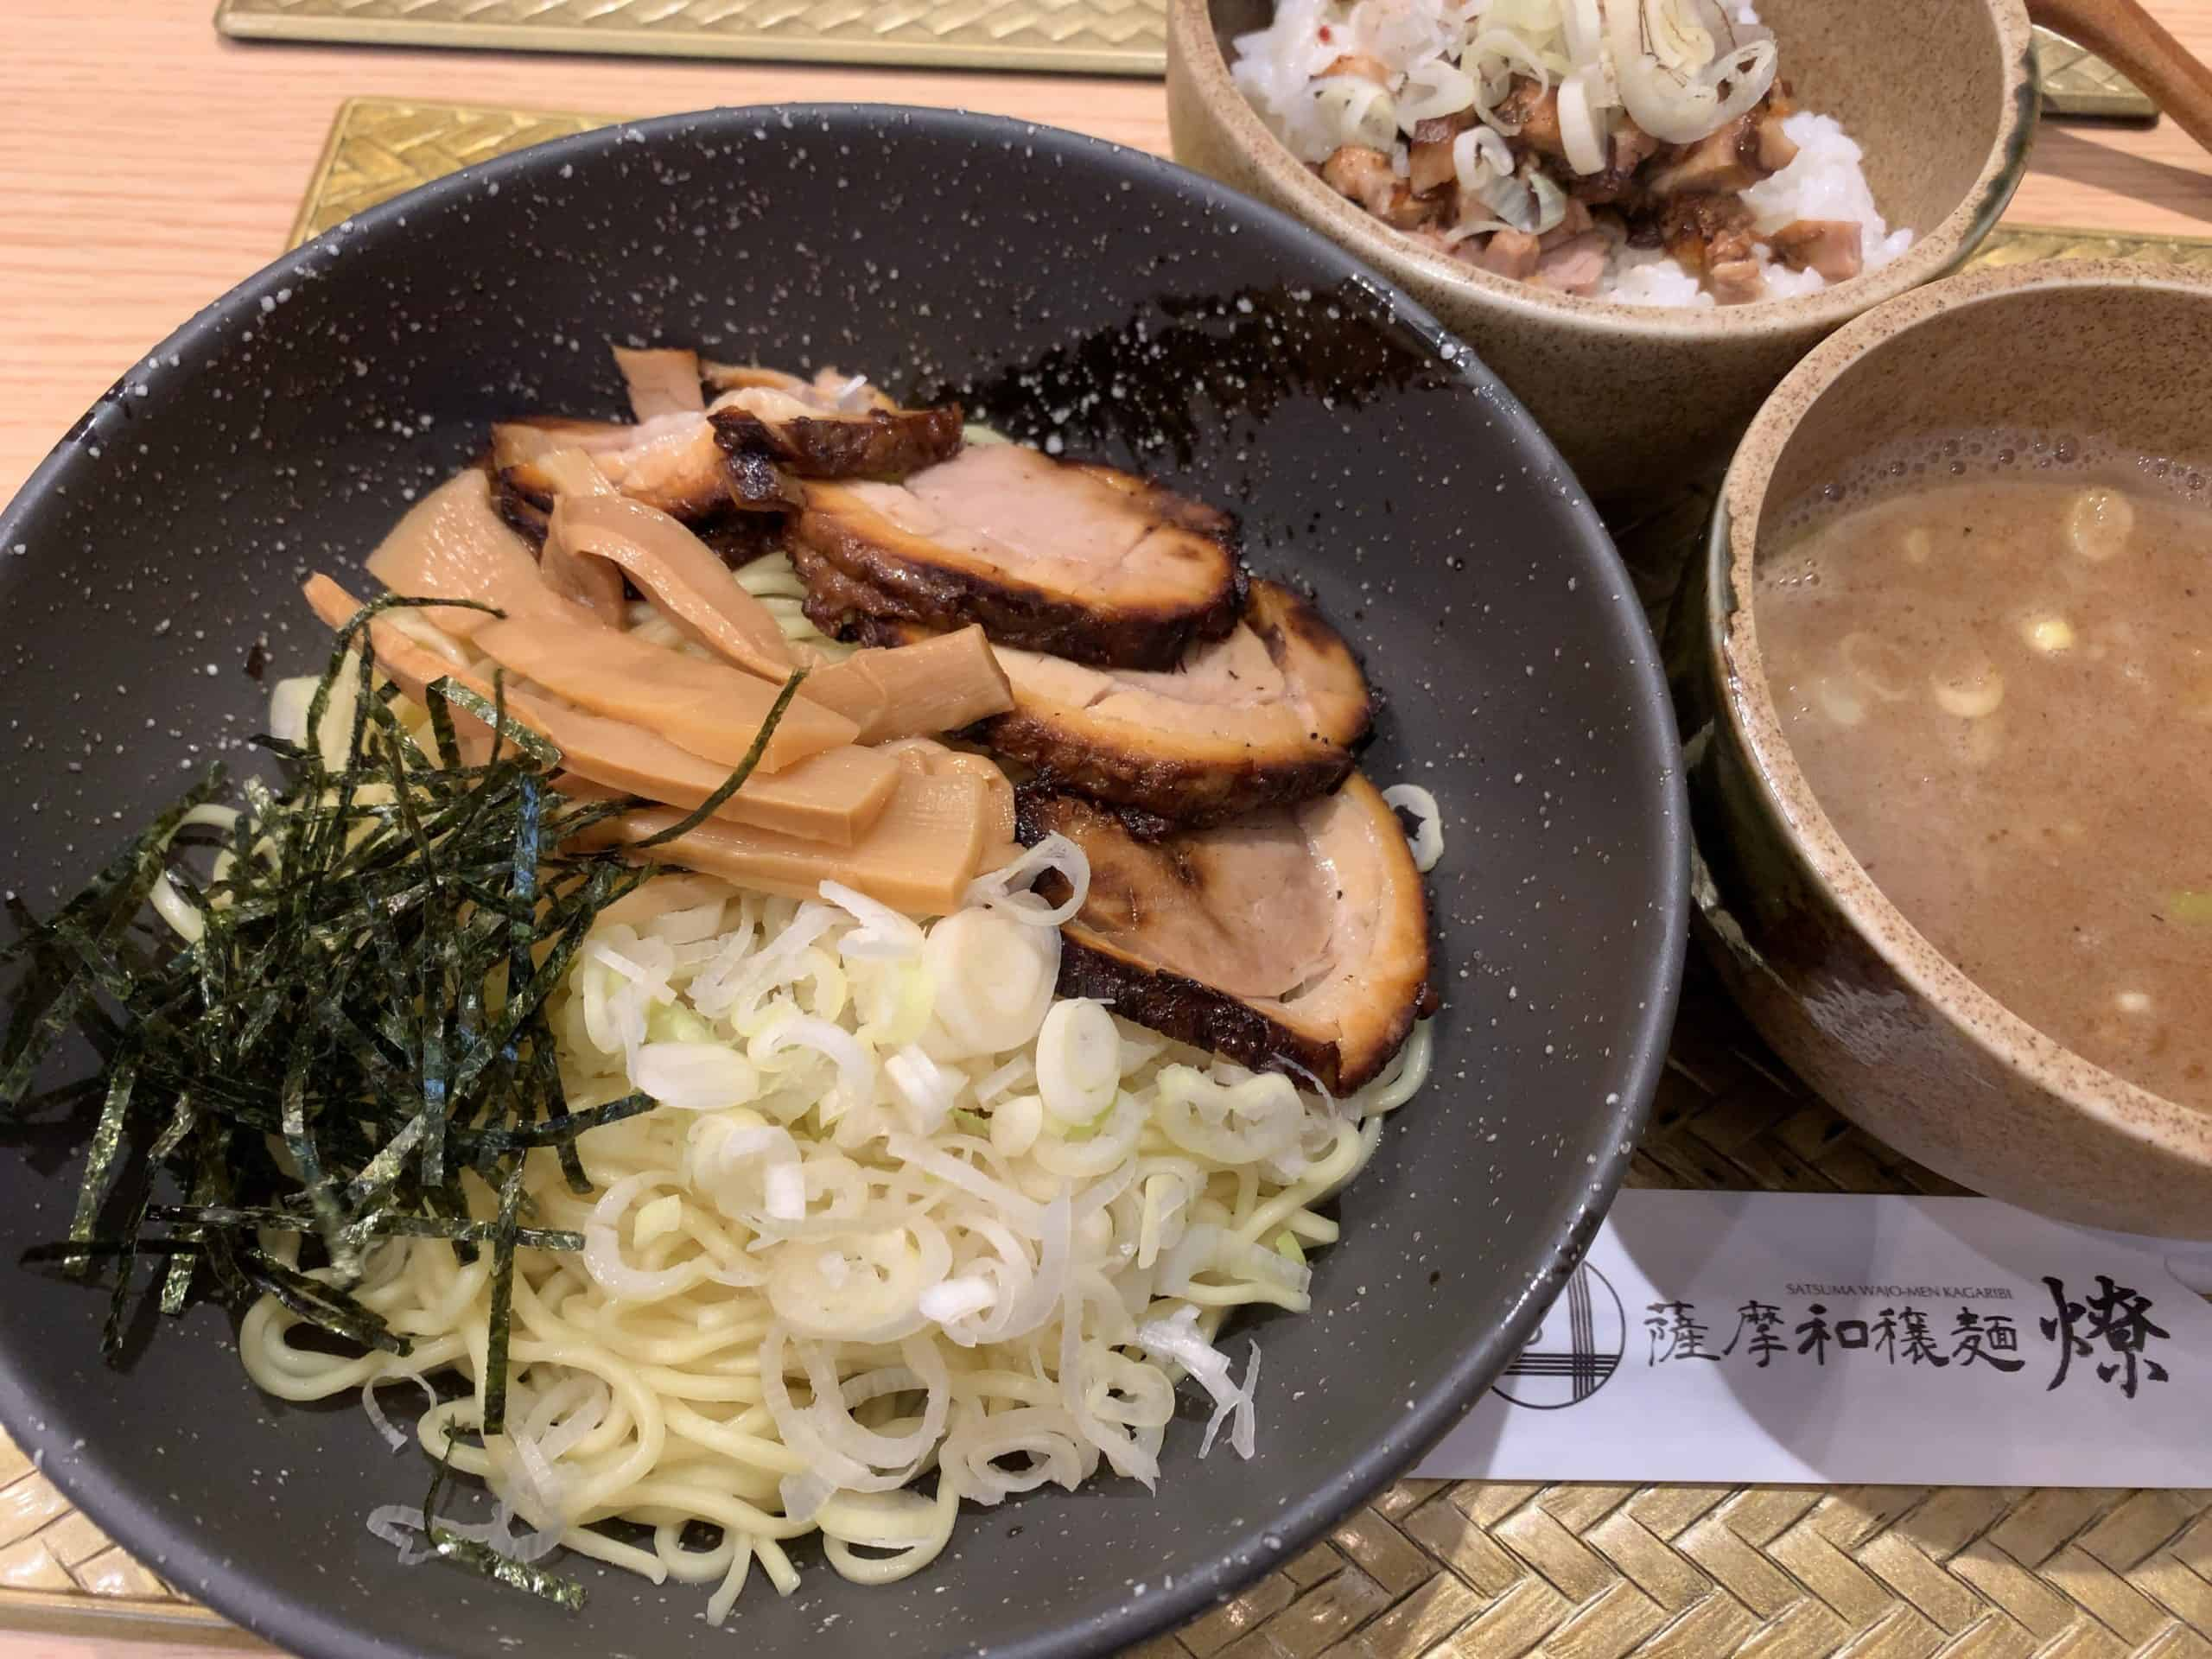 【鹿児島】燎ラーメン2020夏の新作は「つけ麺!」繰り返す!「つけ麺」だ!